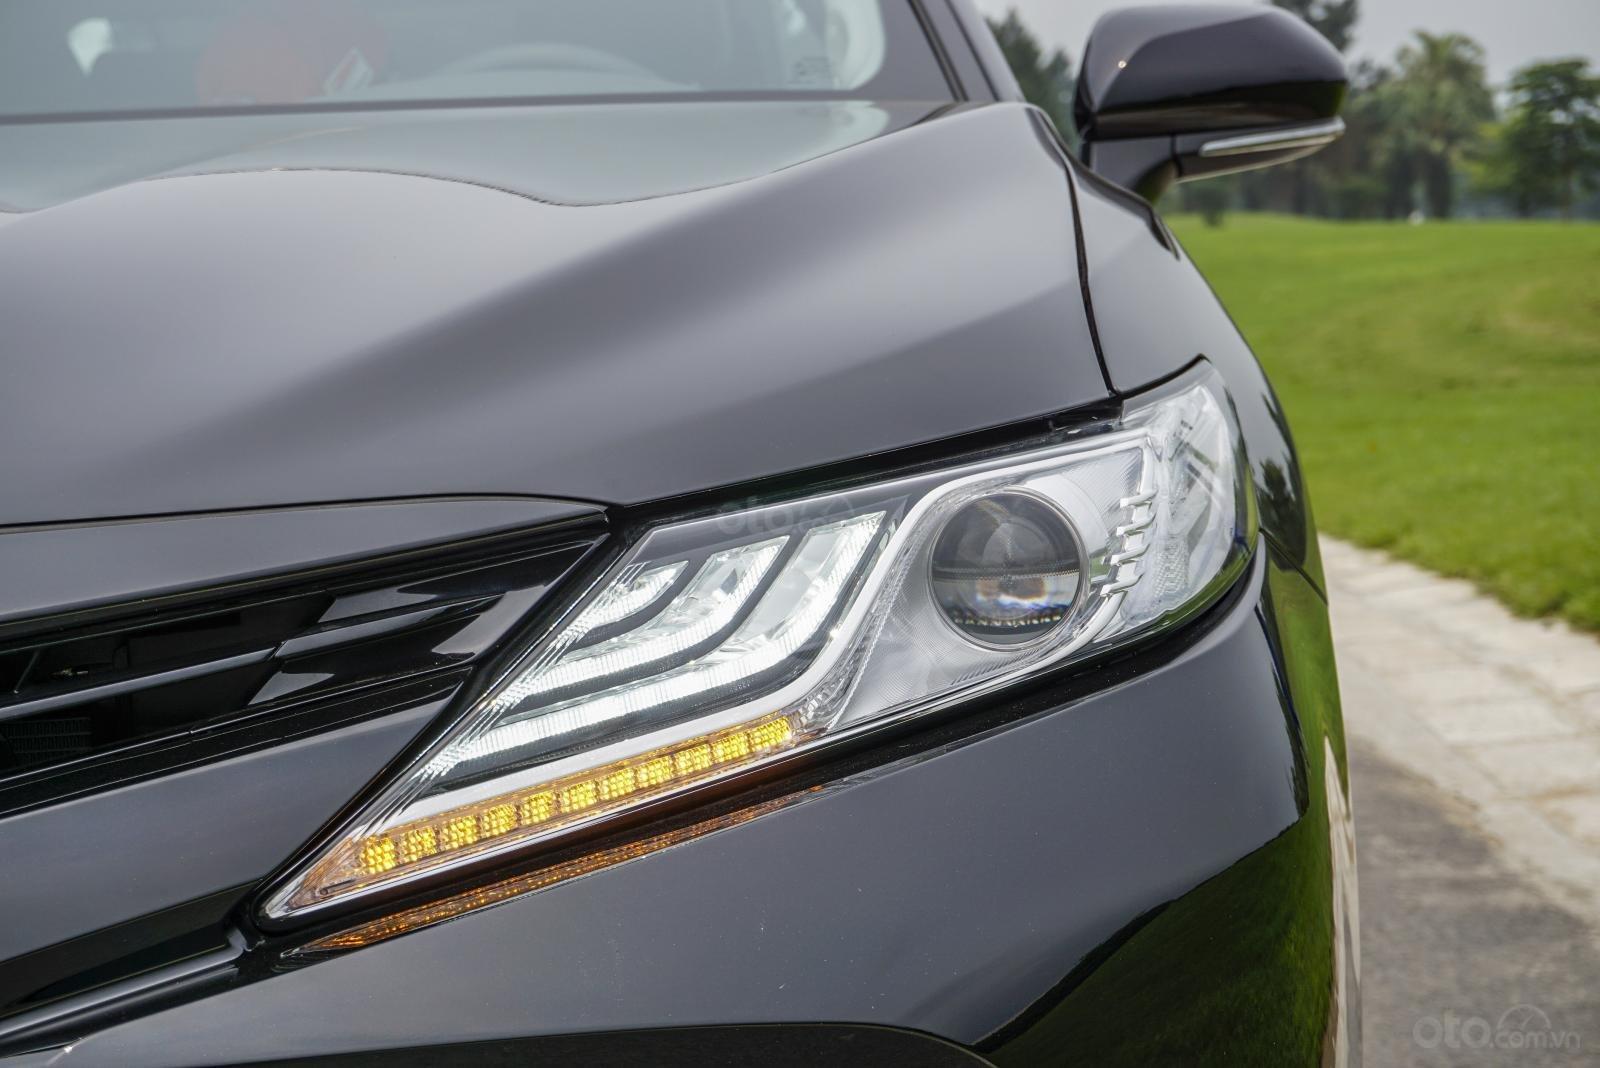 Toyota Camry 2.5Q 2019: Cụm đèn pha Bi-LED với dải LED chiếu sáng ngày đa tầng.